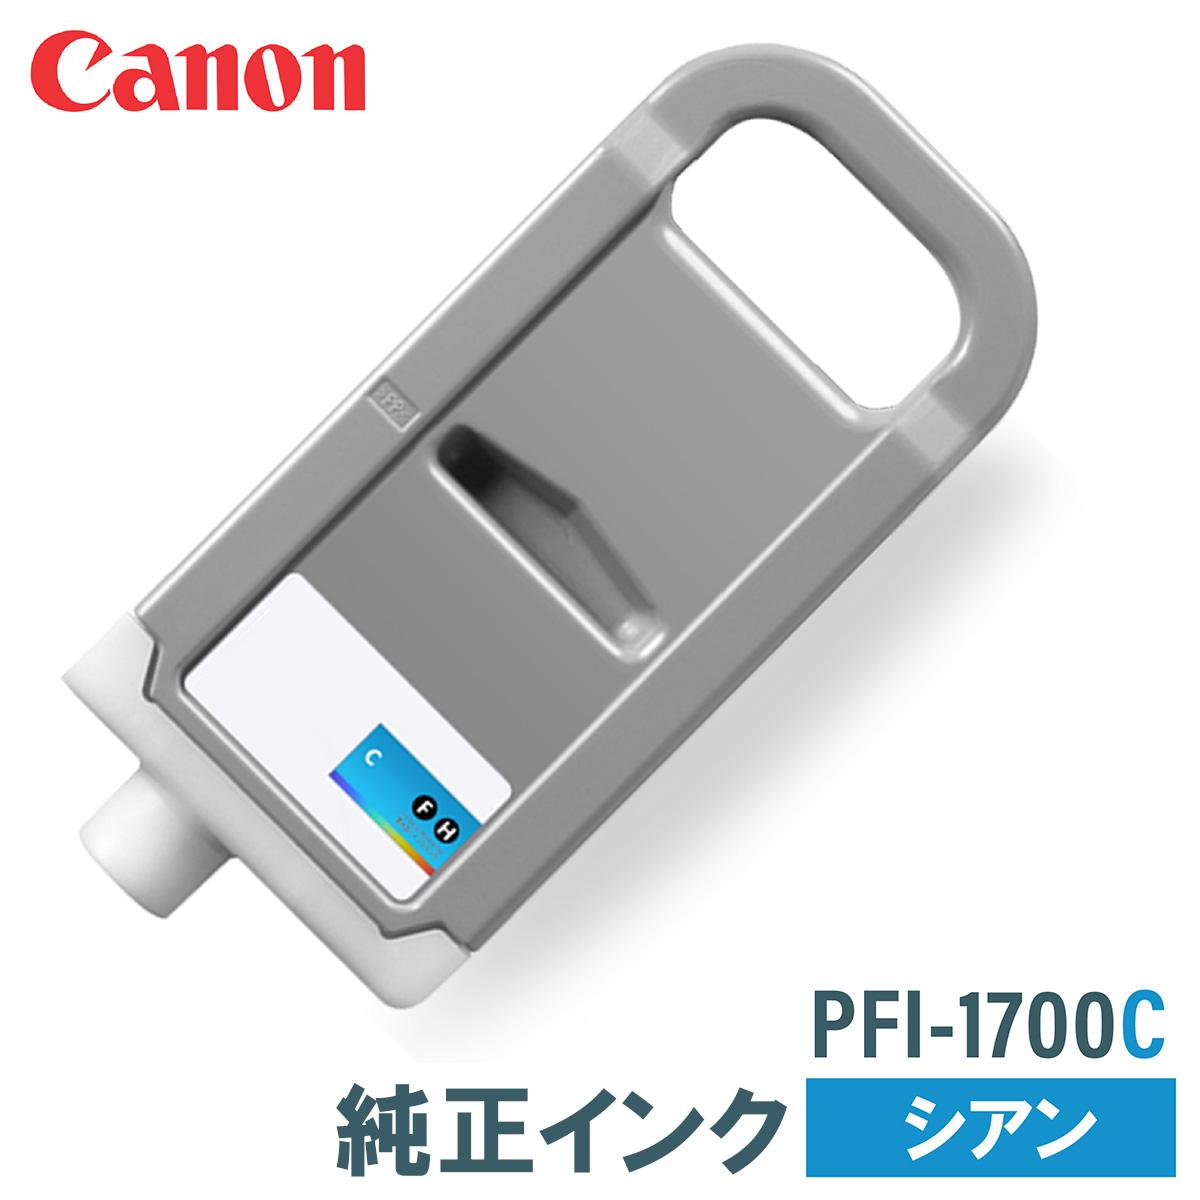 キヤノン 純正インク CANON PFI-1700C シアン 700ml